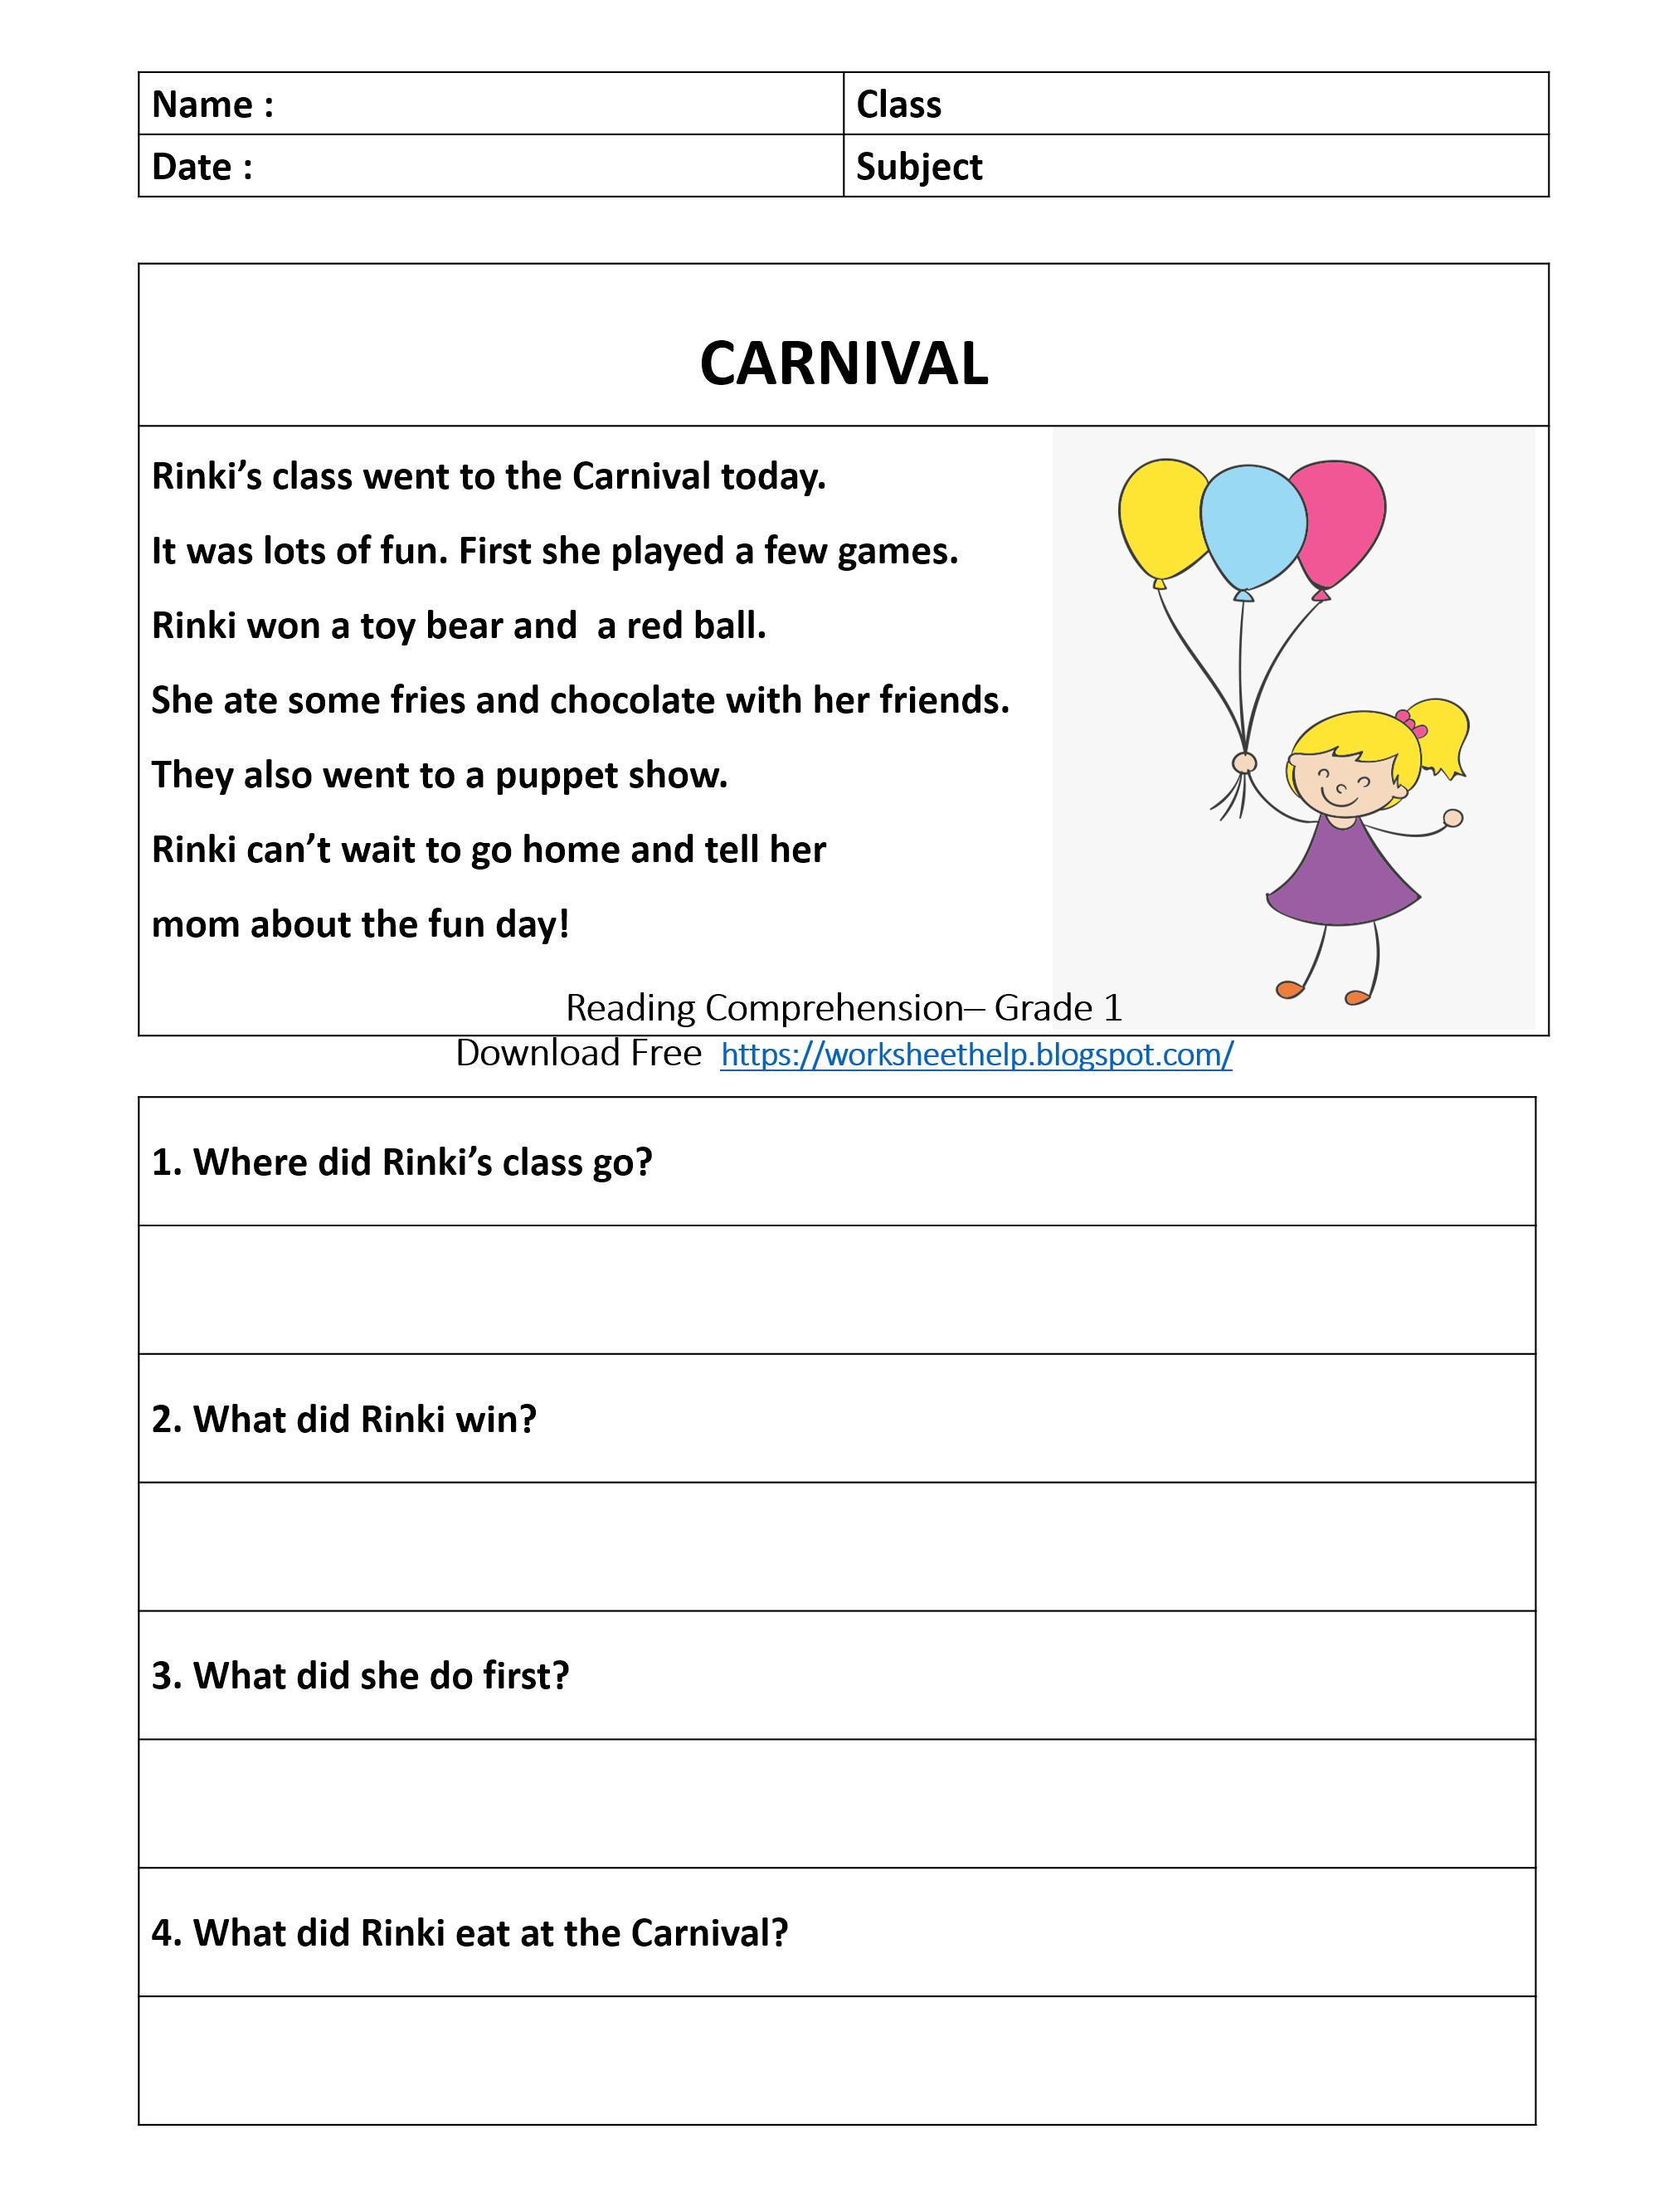 Reading Comprehension Worksheet Grade 1 Carnival Comprehension Worksheets Reading Comprehension Reading Comprehension Worksheets [ 2666 x 2000 Pixel ]